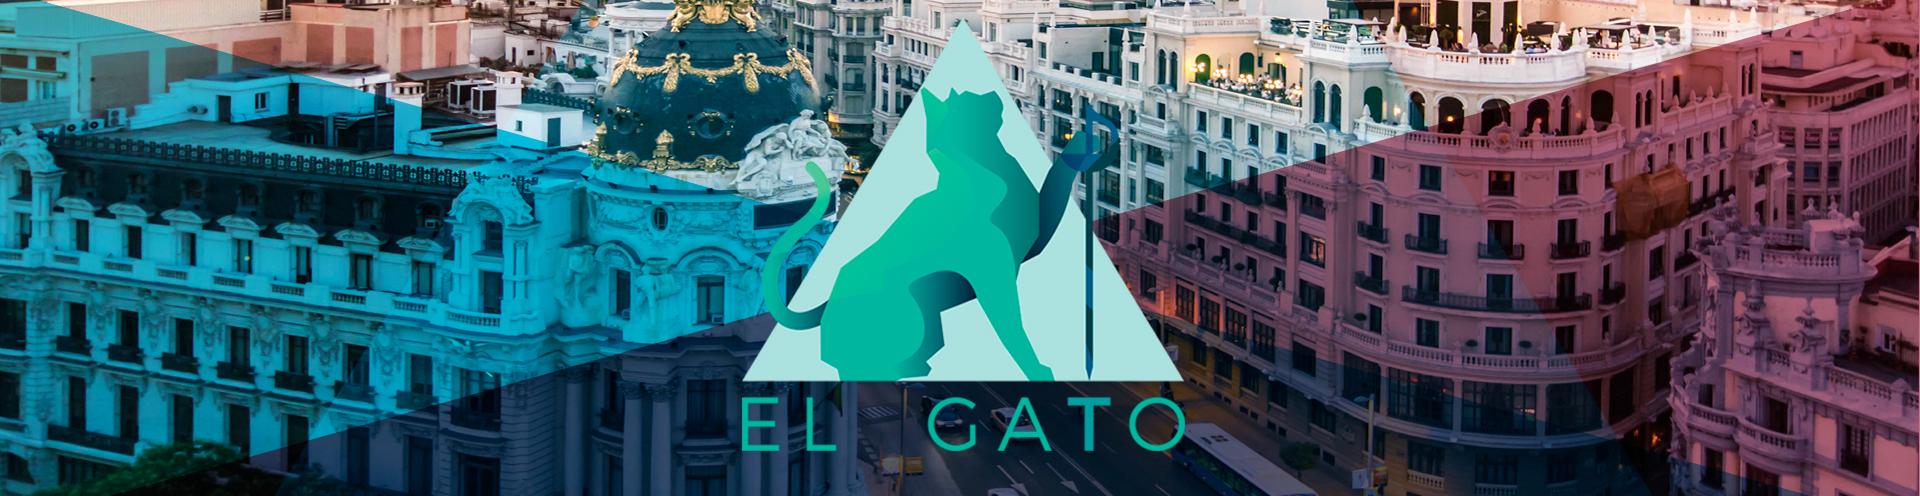 Logo de El Gato Esgrima Madrid, con una foto de fondo de Madrid